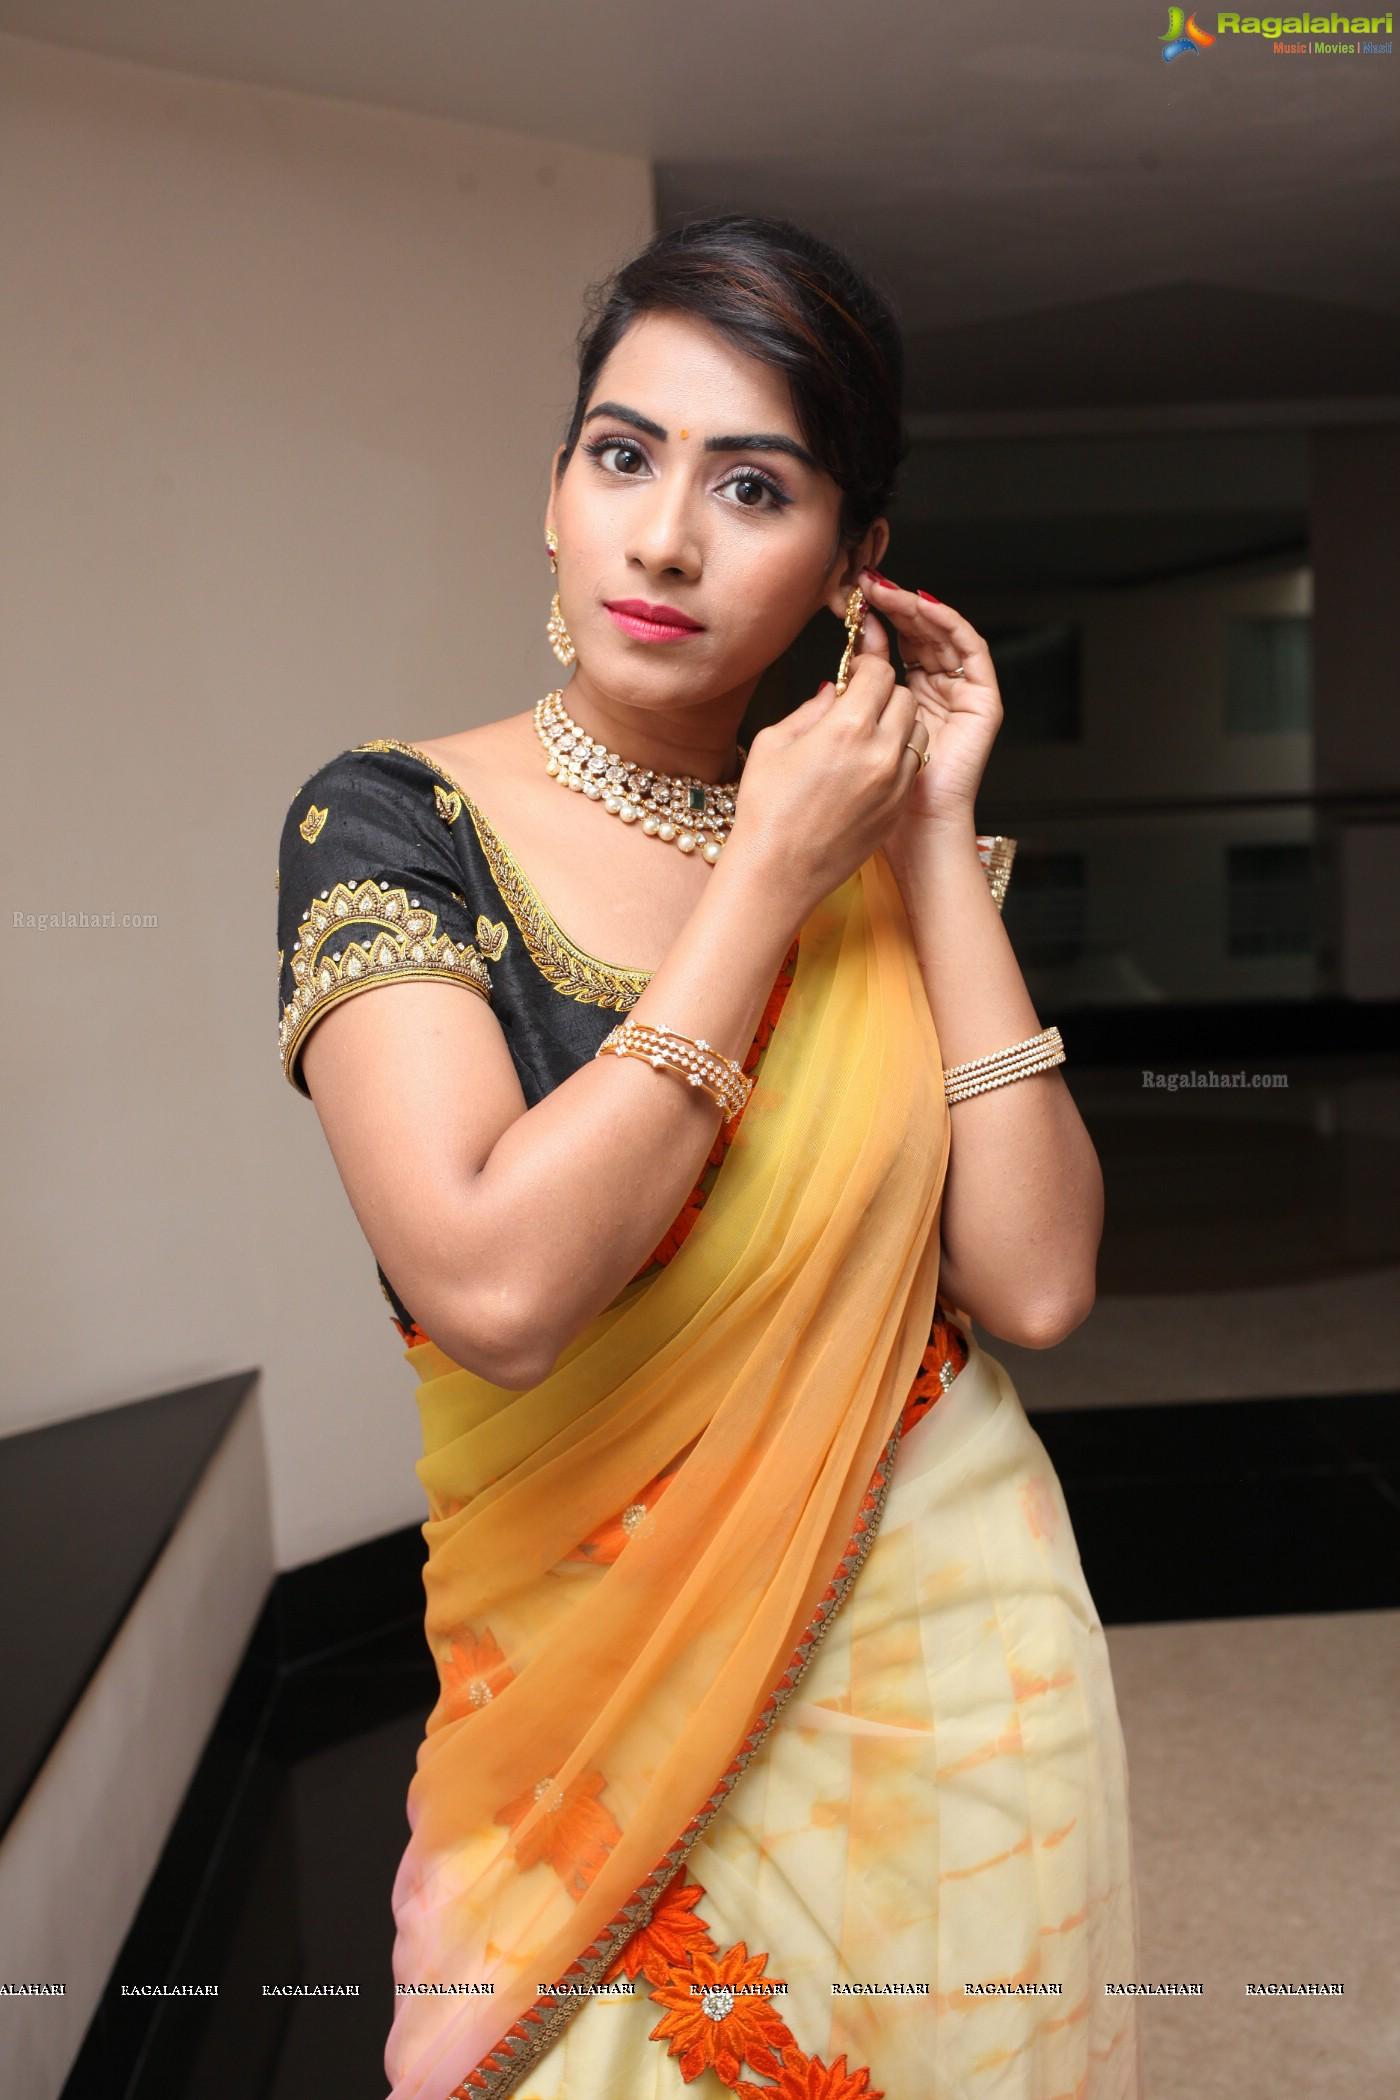 Preethi Singh (Posters) Image 5 : Telugu Actress Stills ...